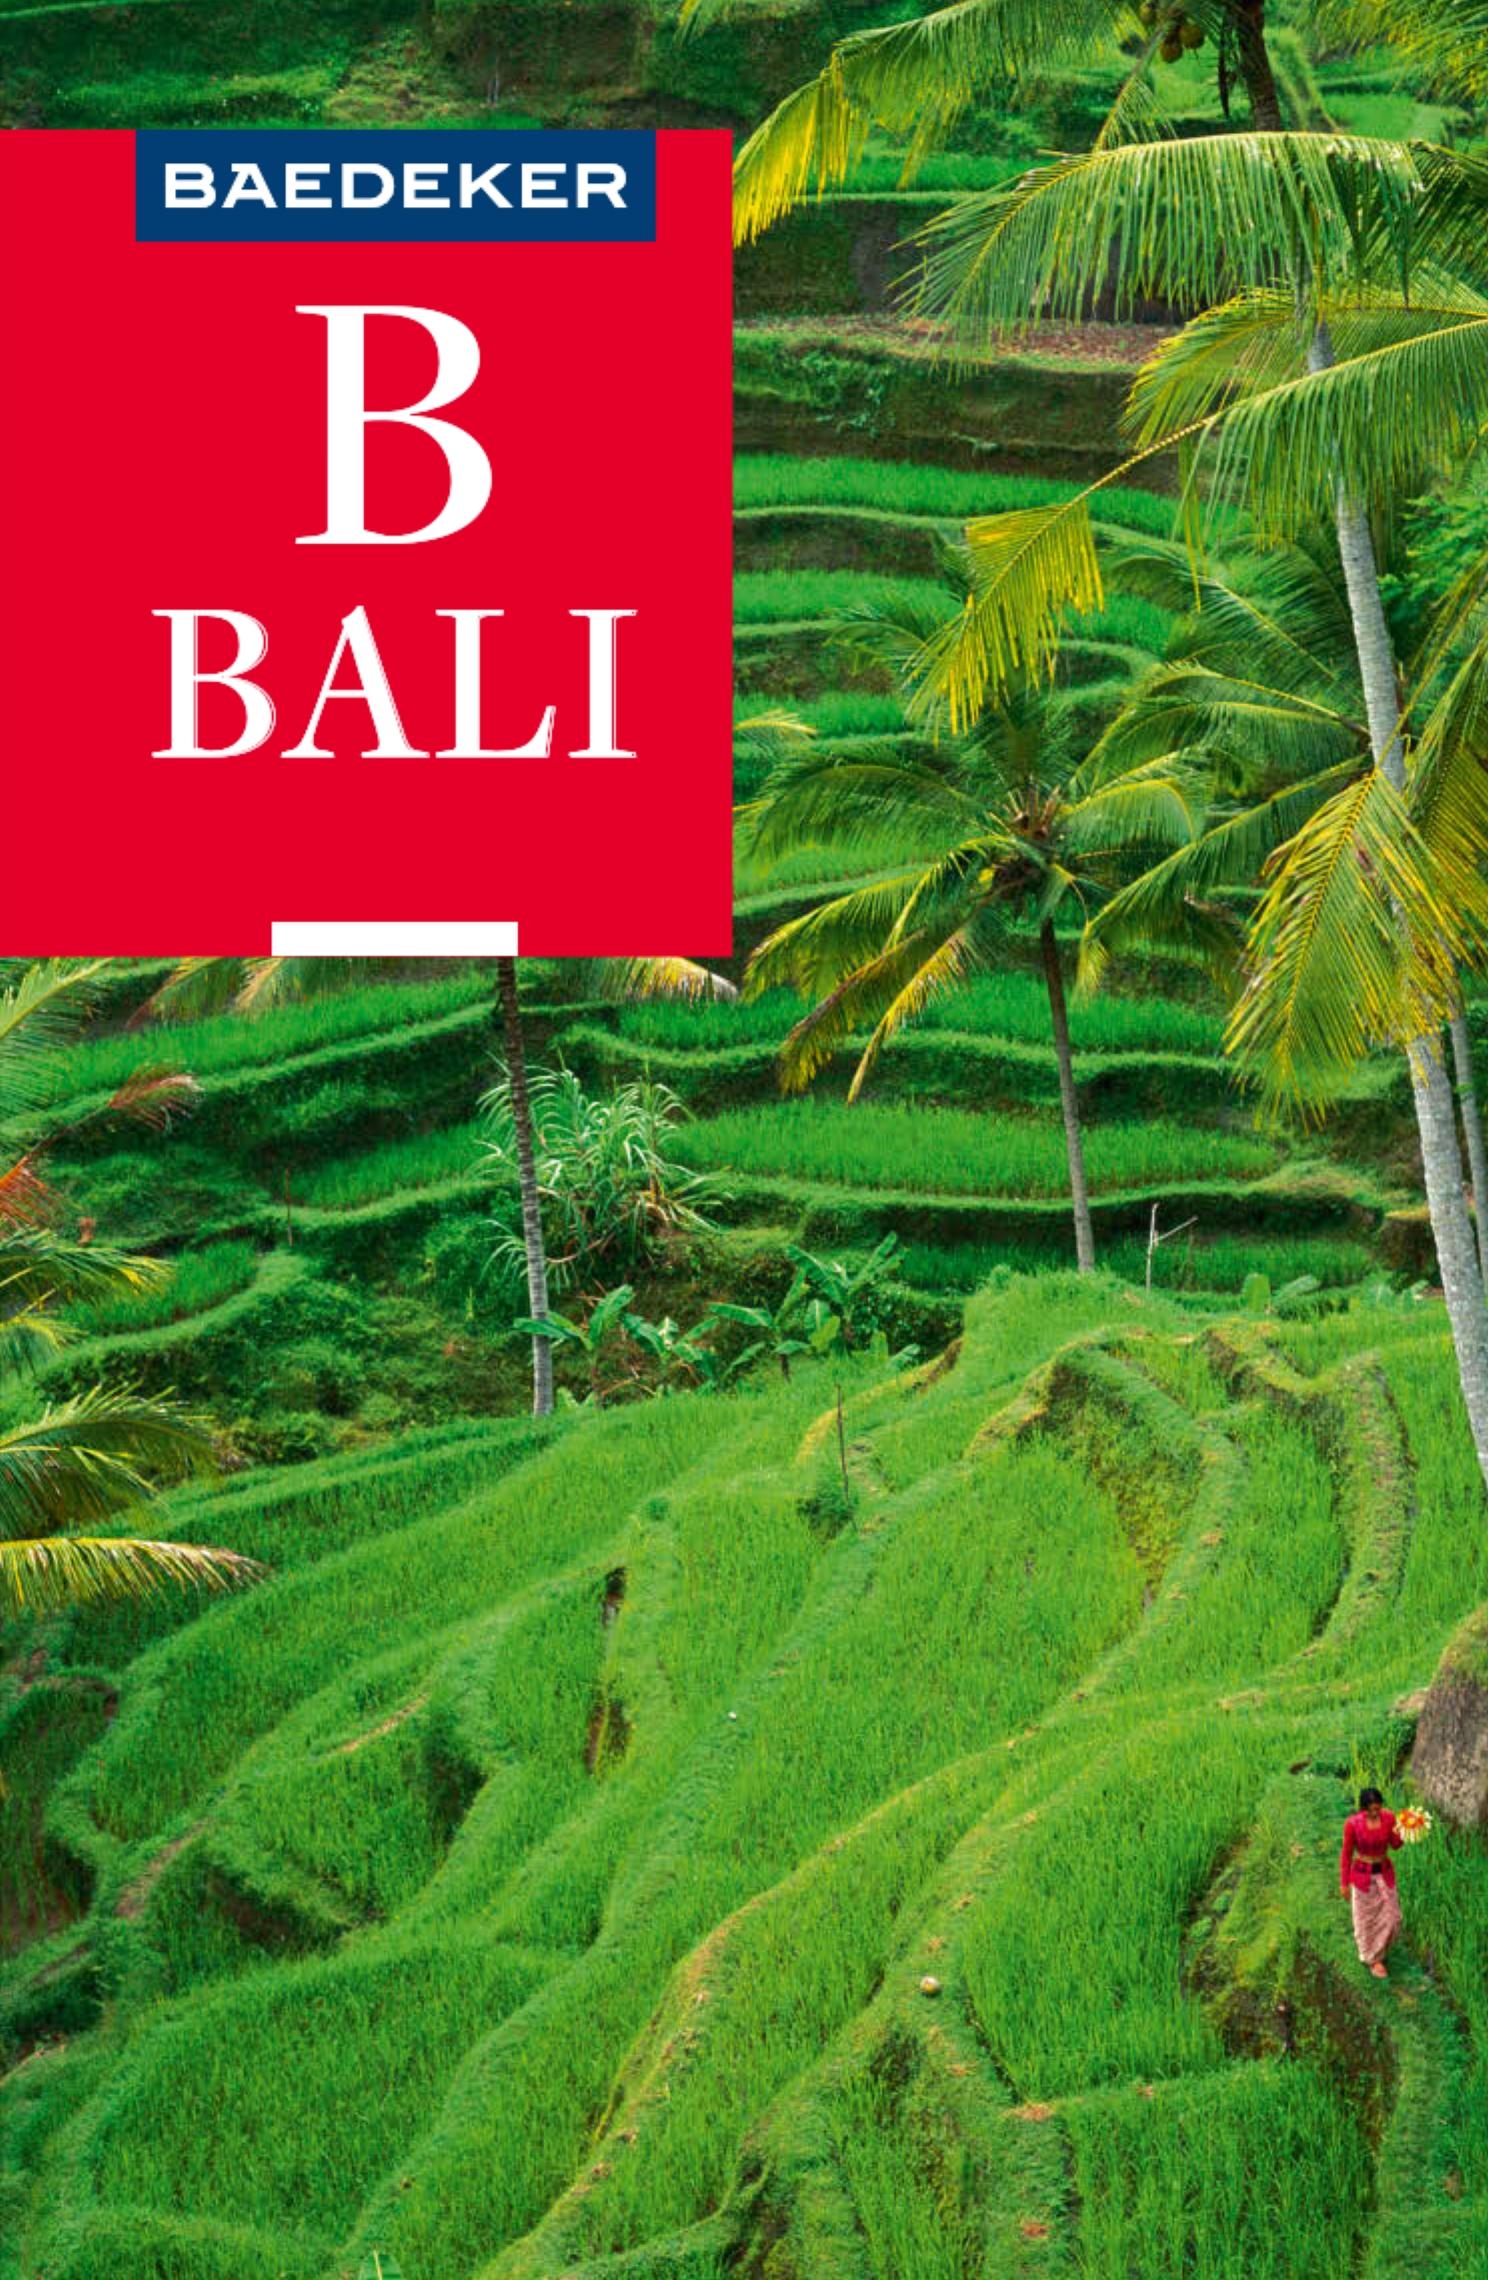 Baedeker – Bali (Cover)